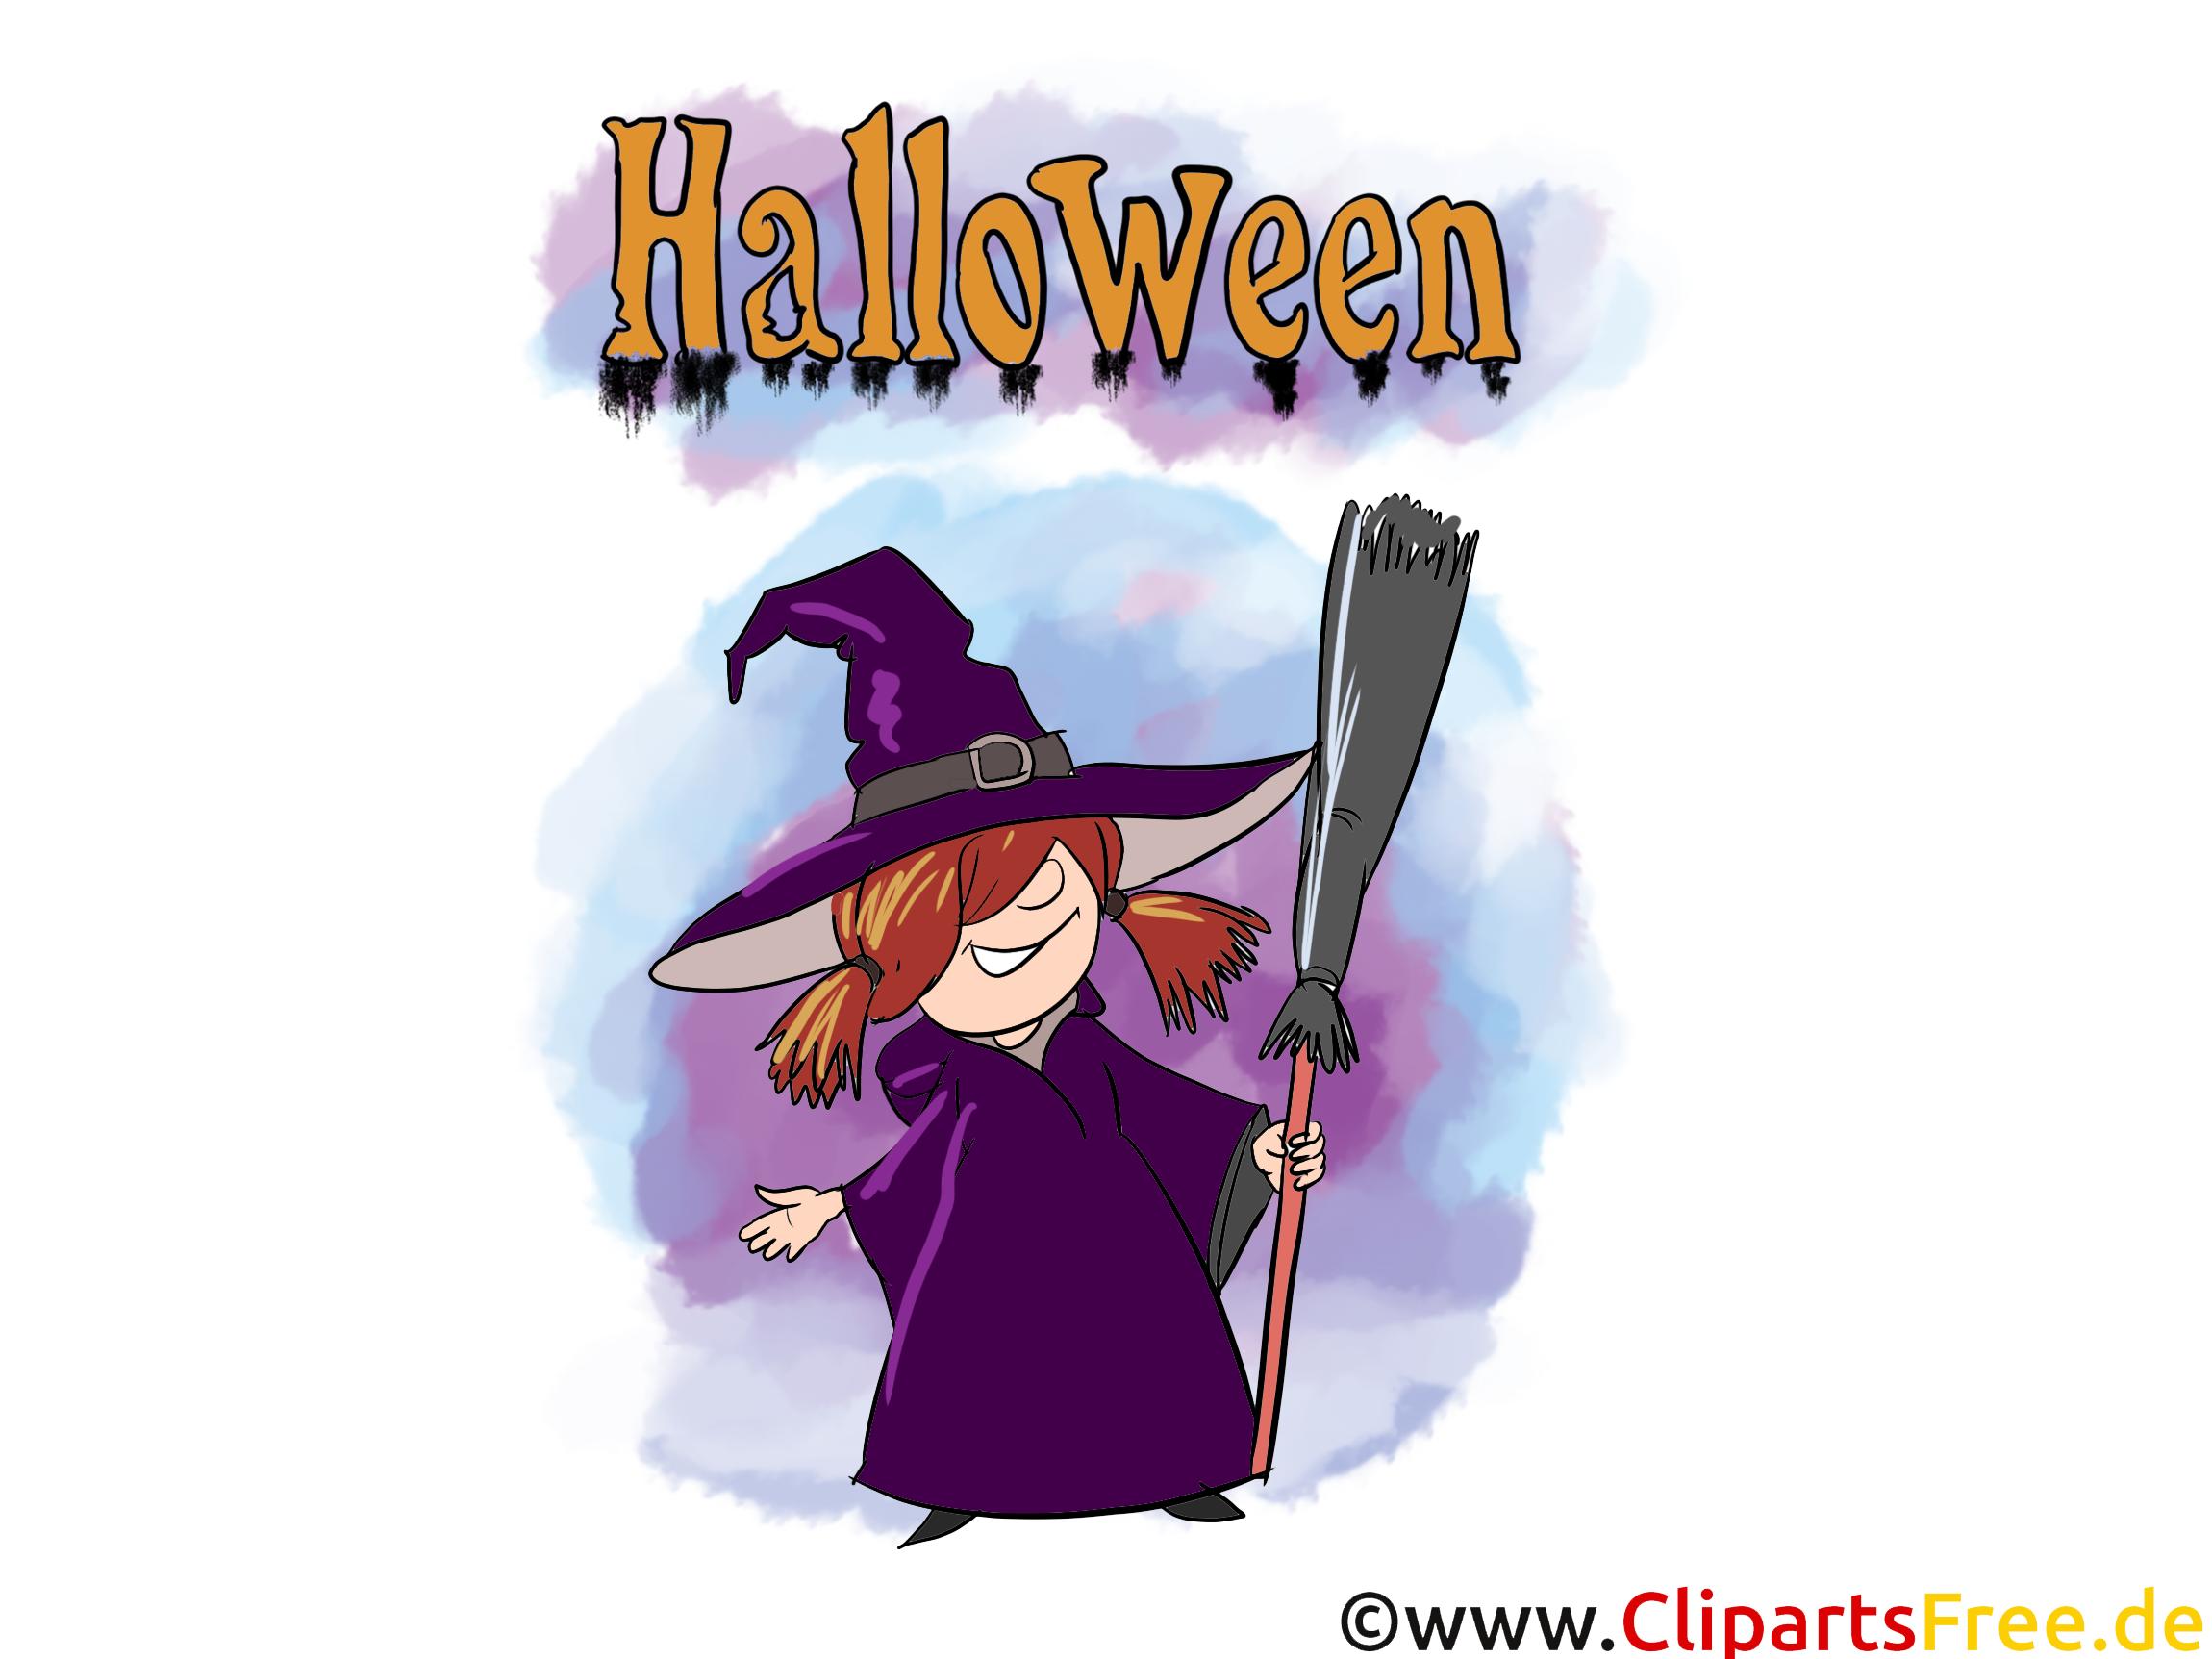 Sorcière clip arts gratuits - Halloween illustrations